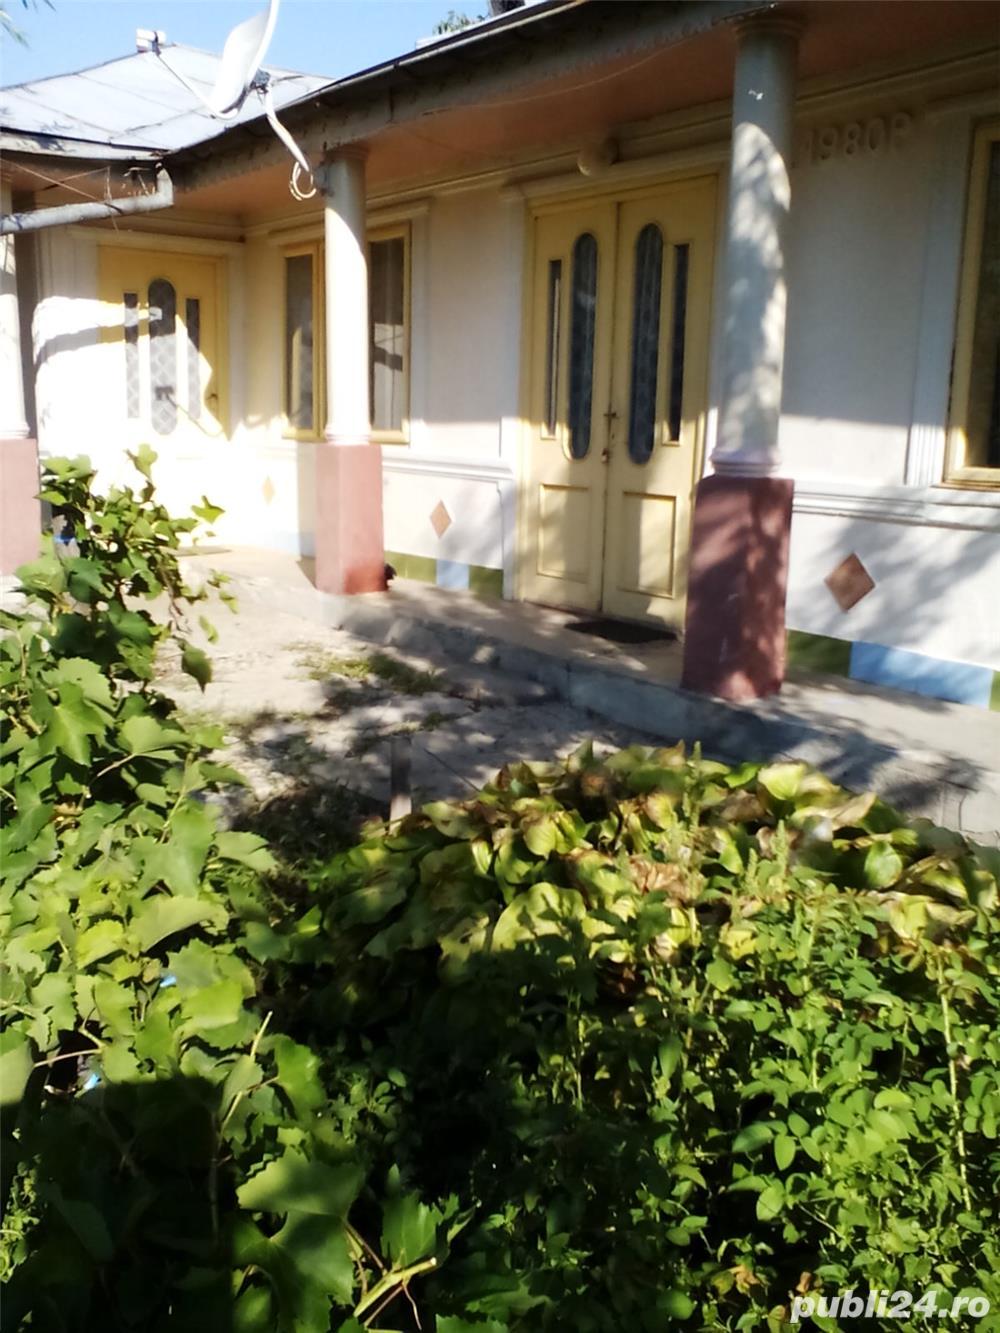 Casa in comuna Tepu (Galati) langa biserica